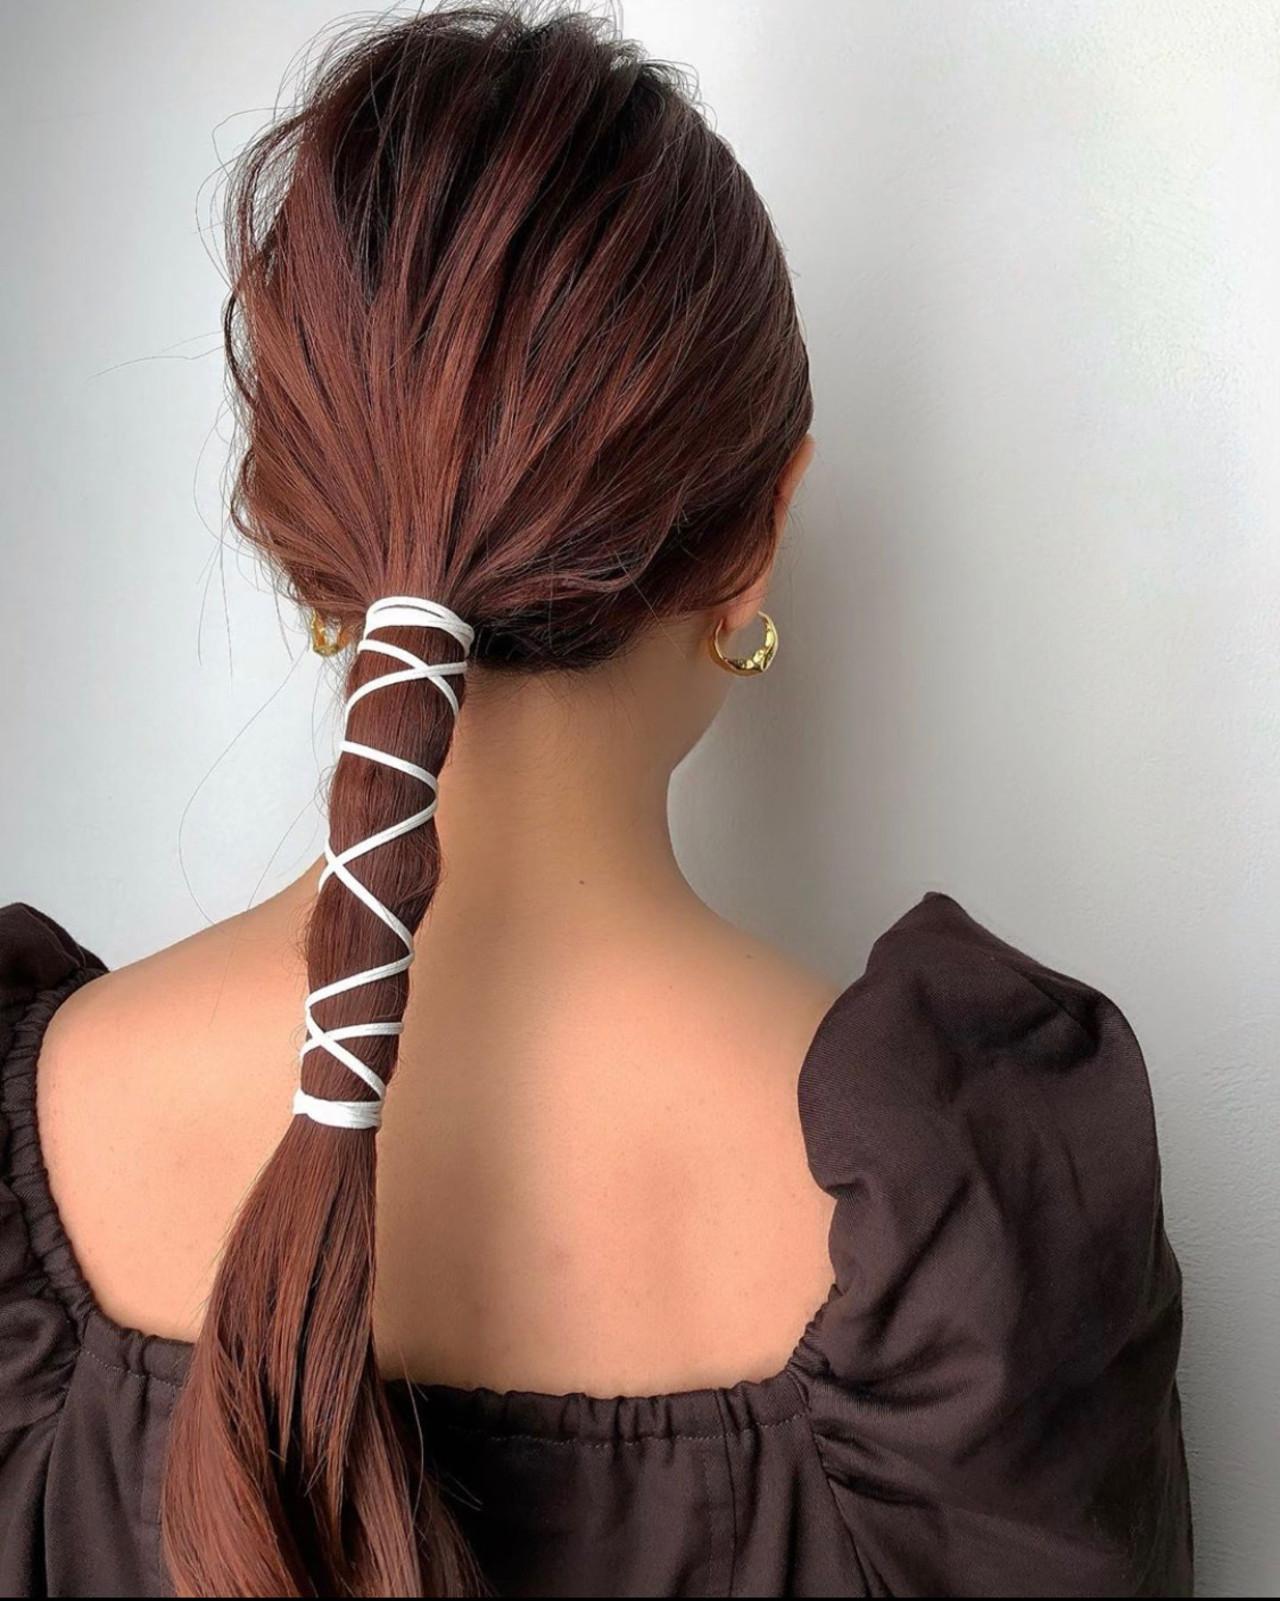 ロング ナチュラル 紐アレンジ ブライダル ヘアスタイルや髪型の写真・画像